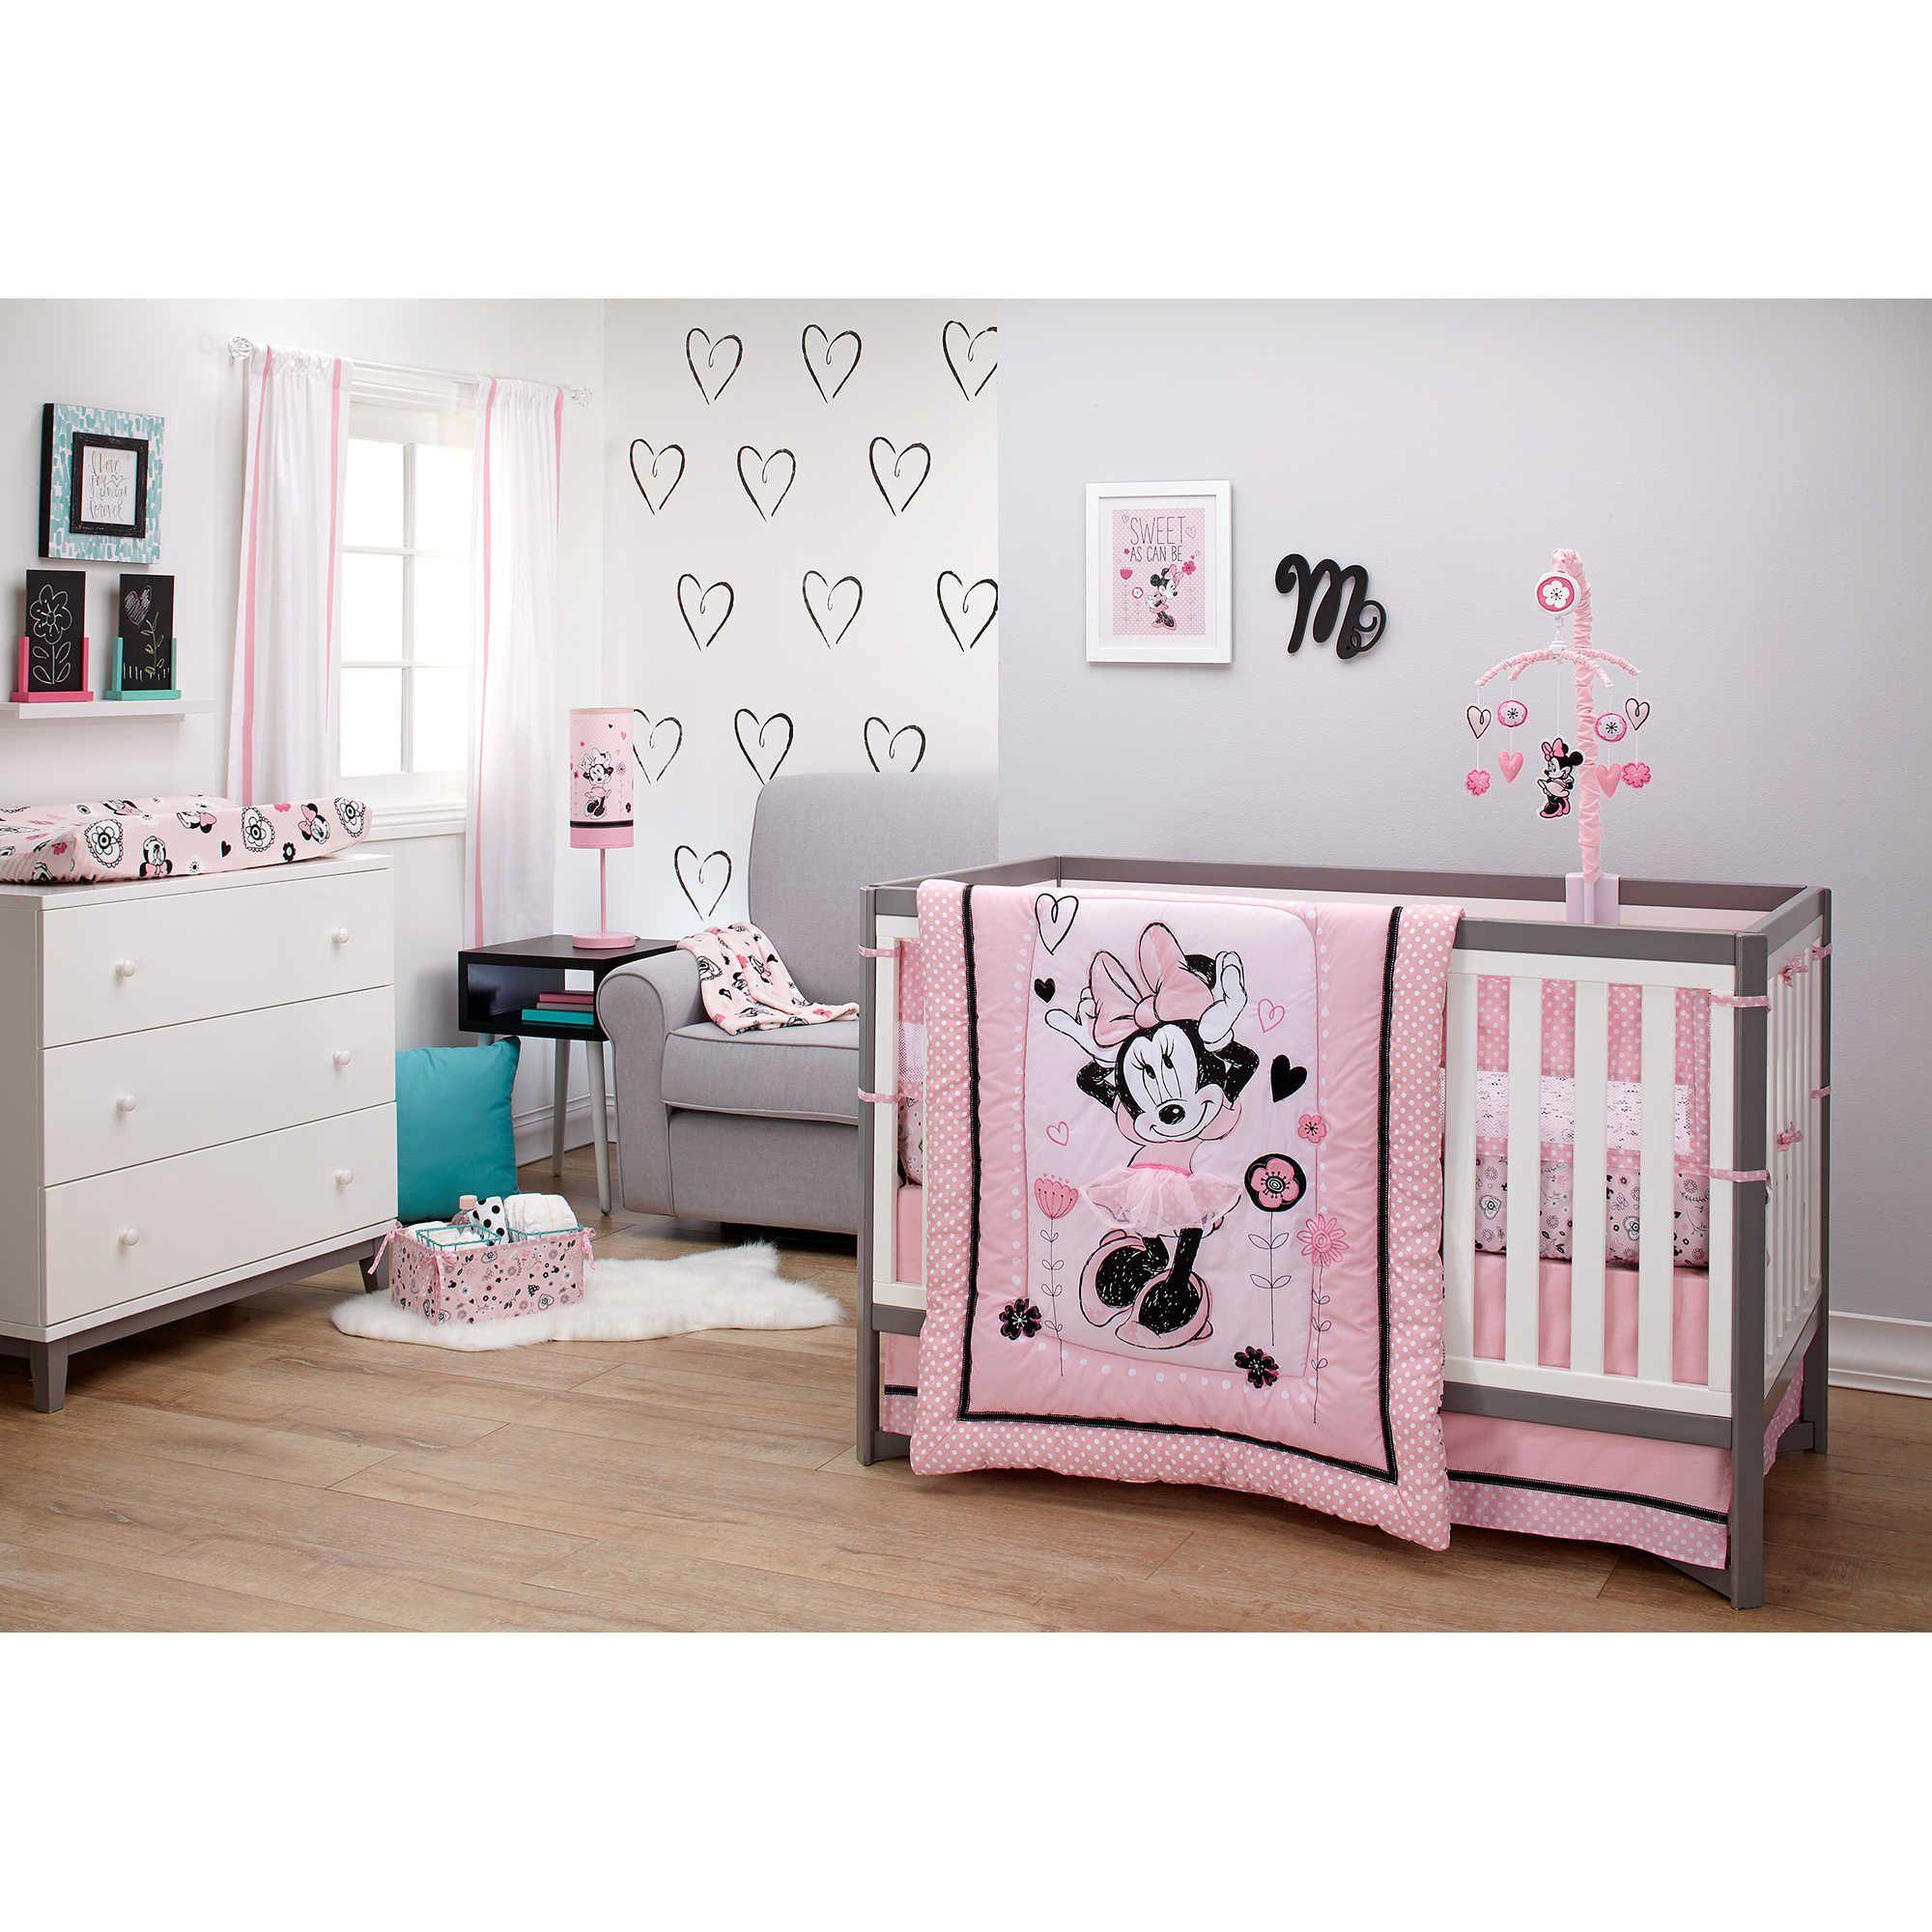 Disney Minnie Mouse Twin Betten Set Kinder Schlafzimmer Sets Indien